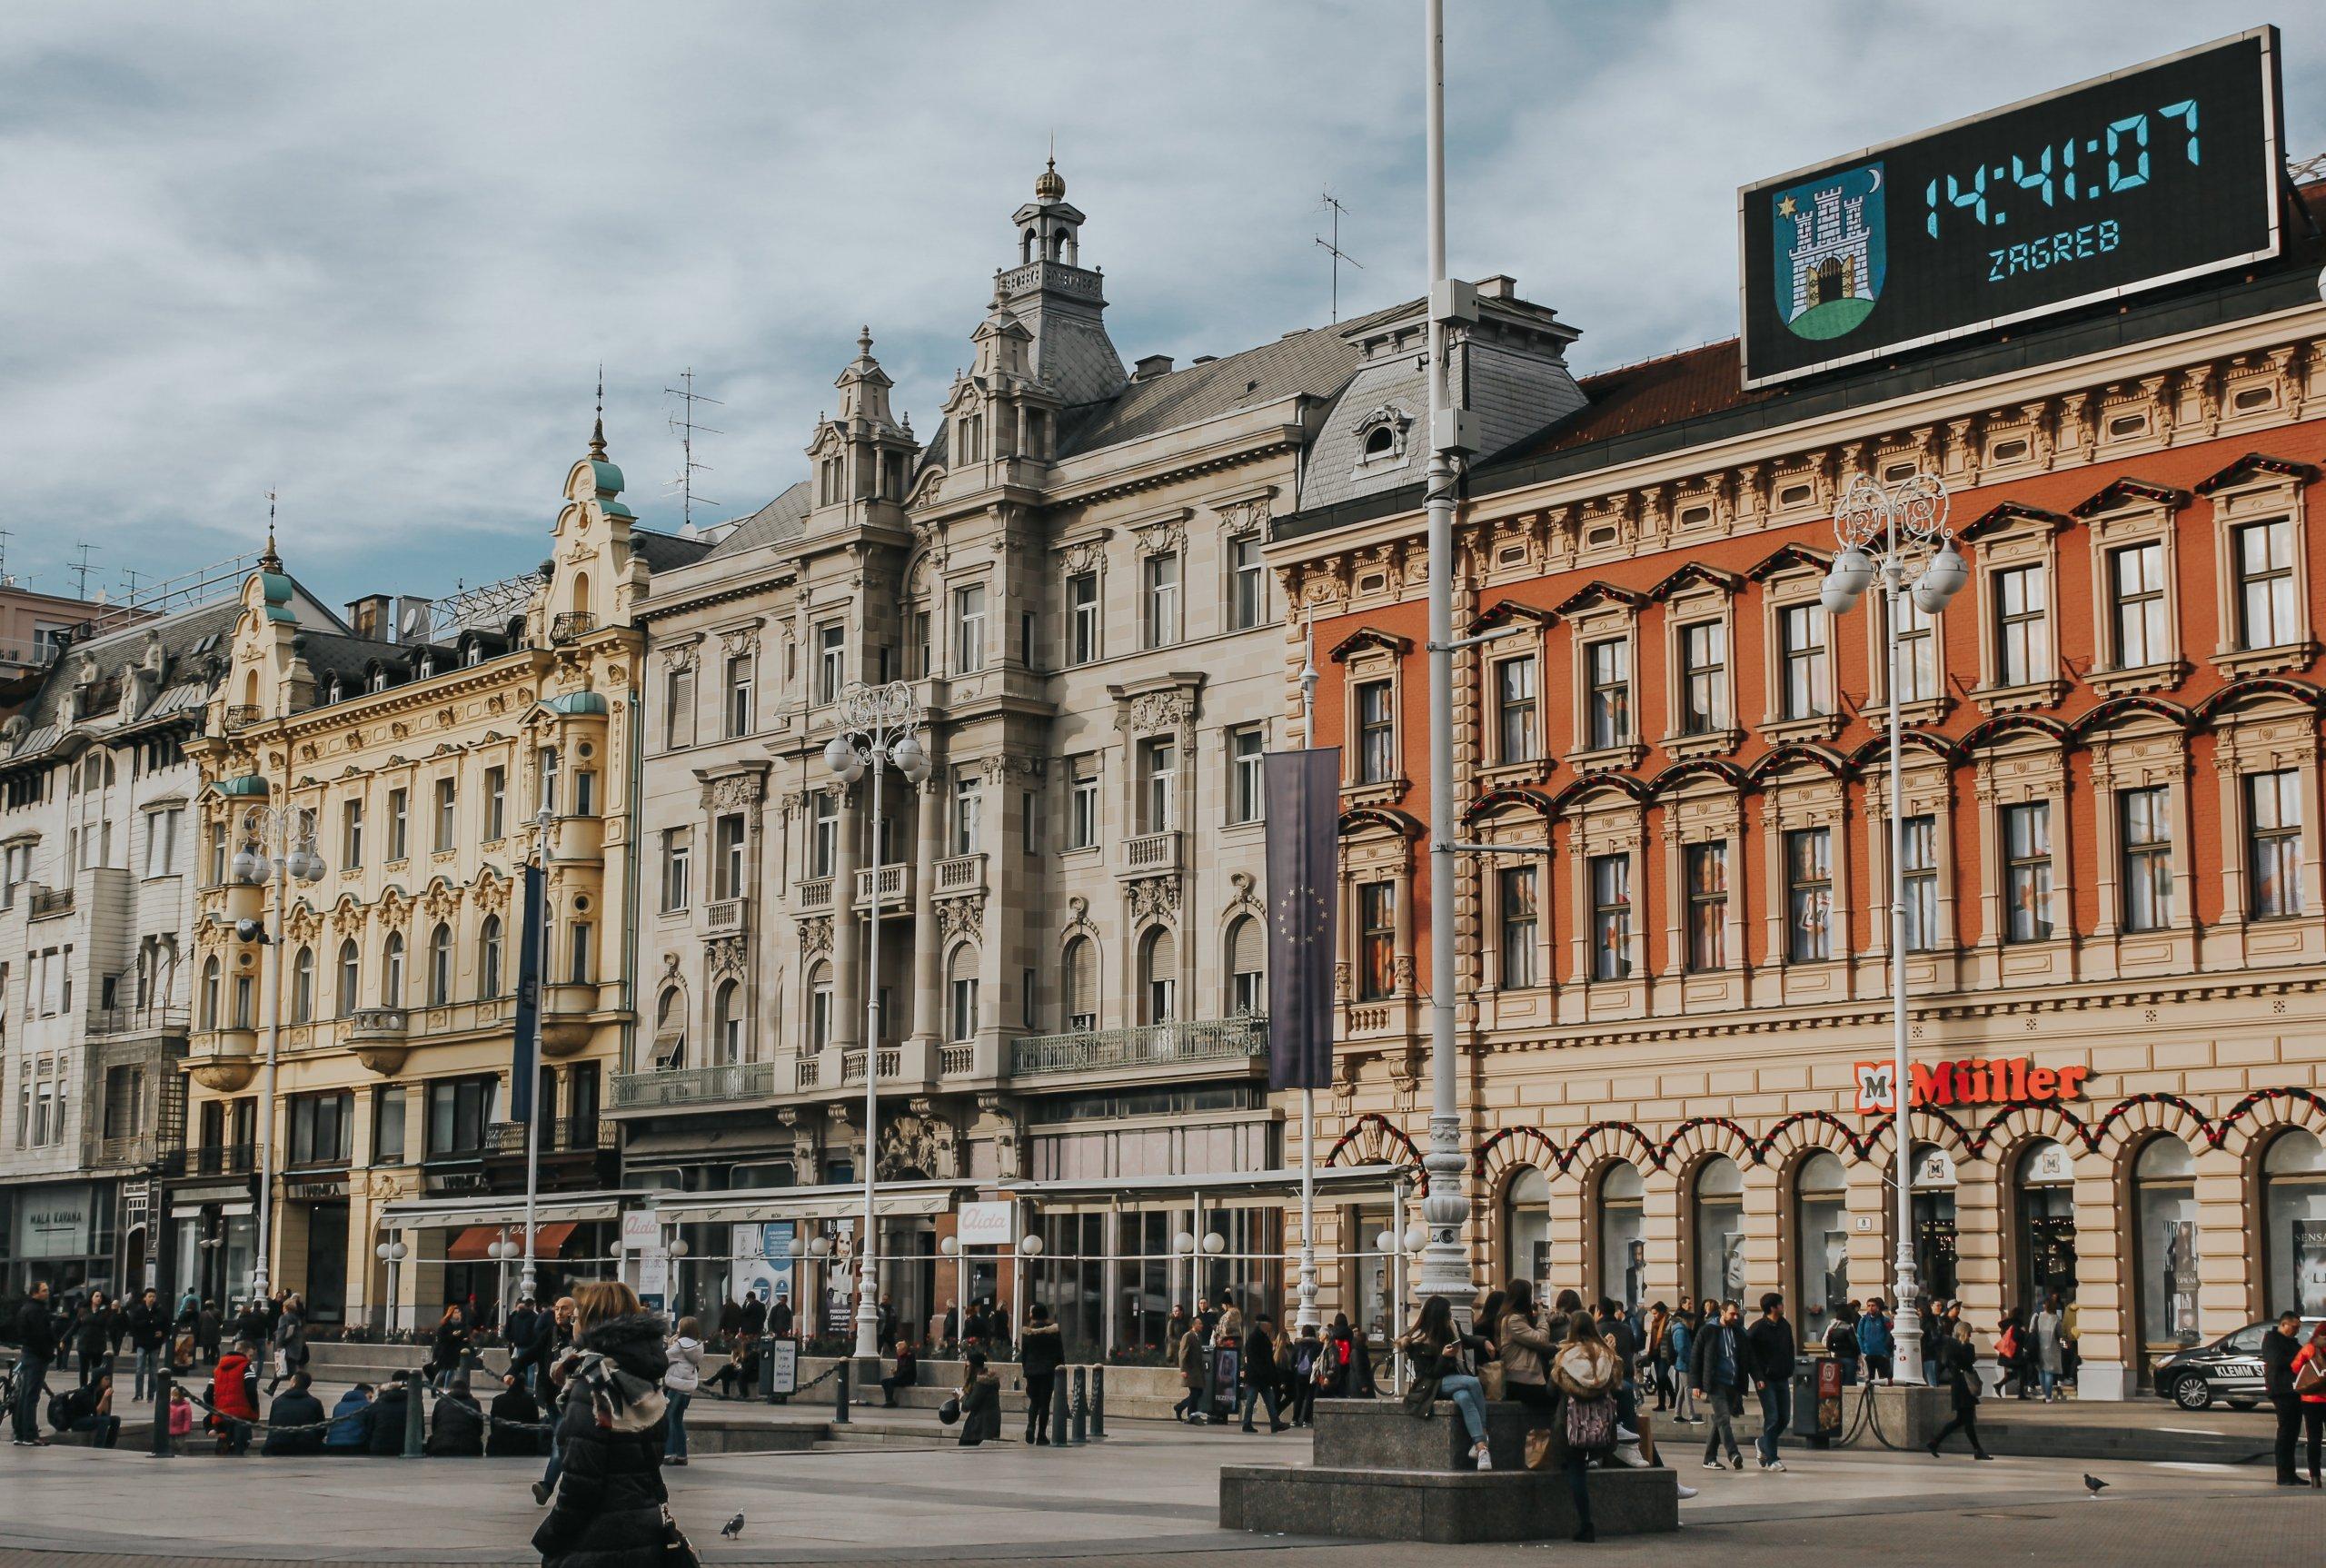 Pogledajte stanove u Zagrebu koji se prodaju za više od milijun eura